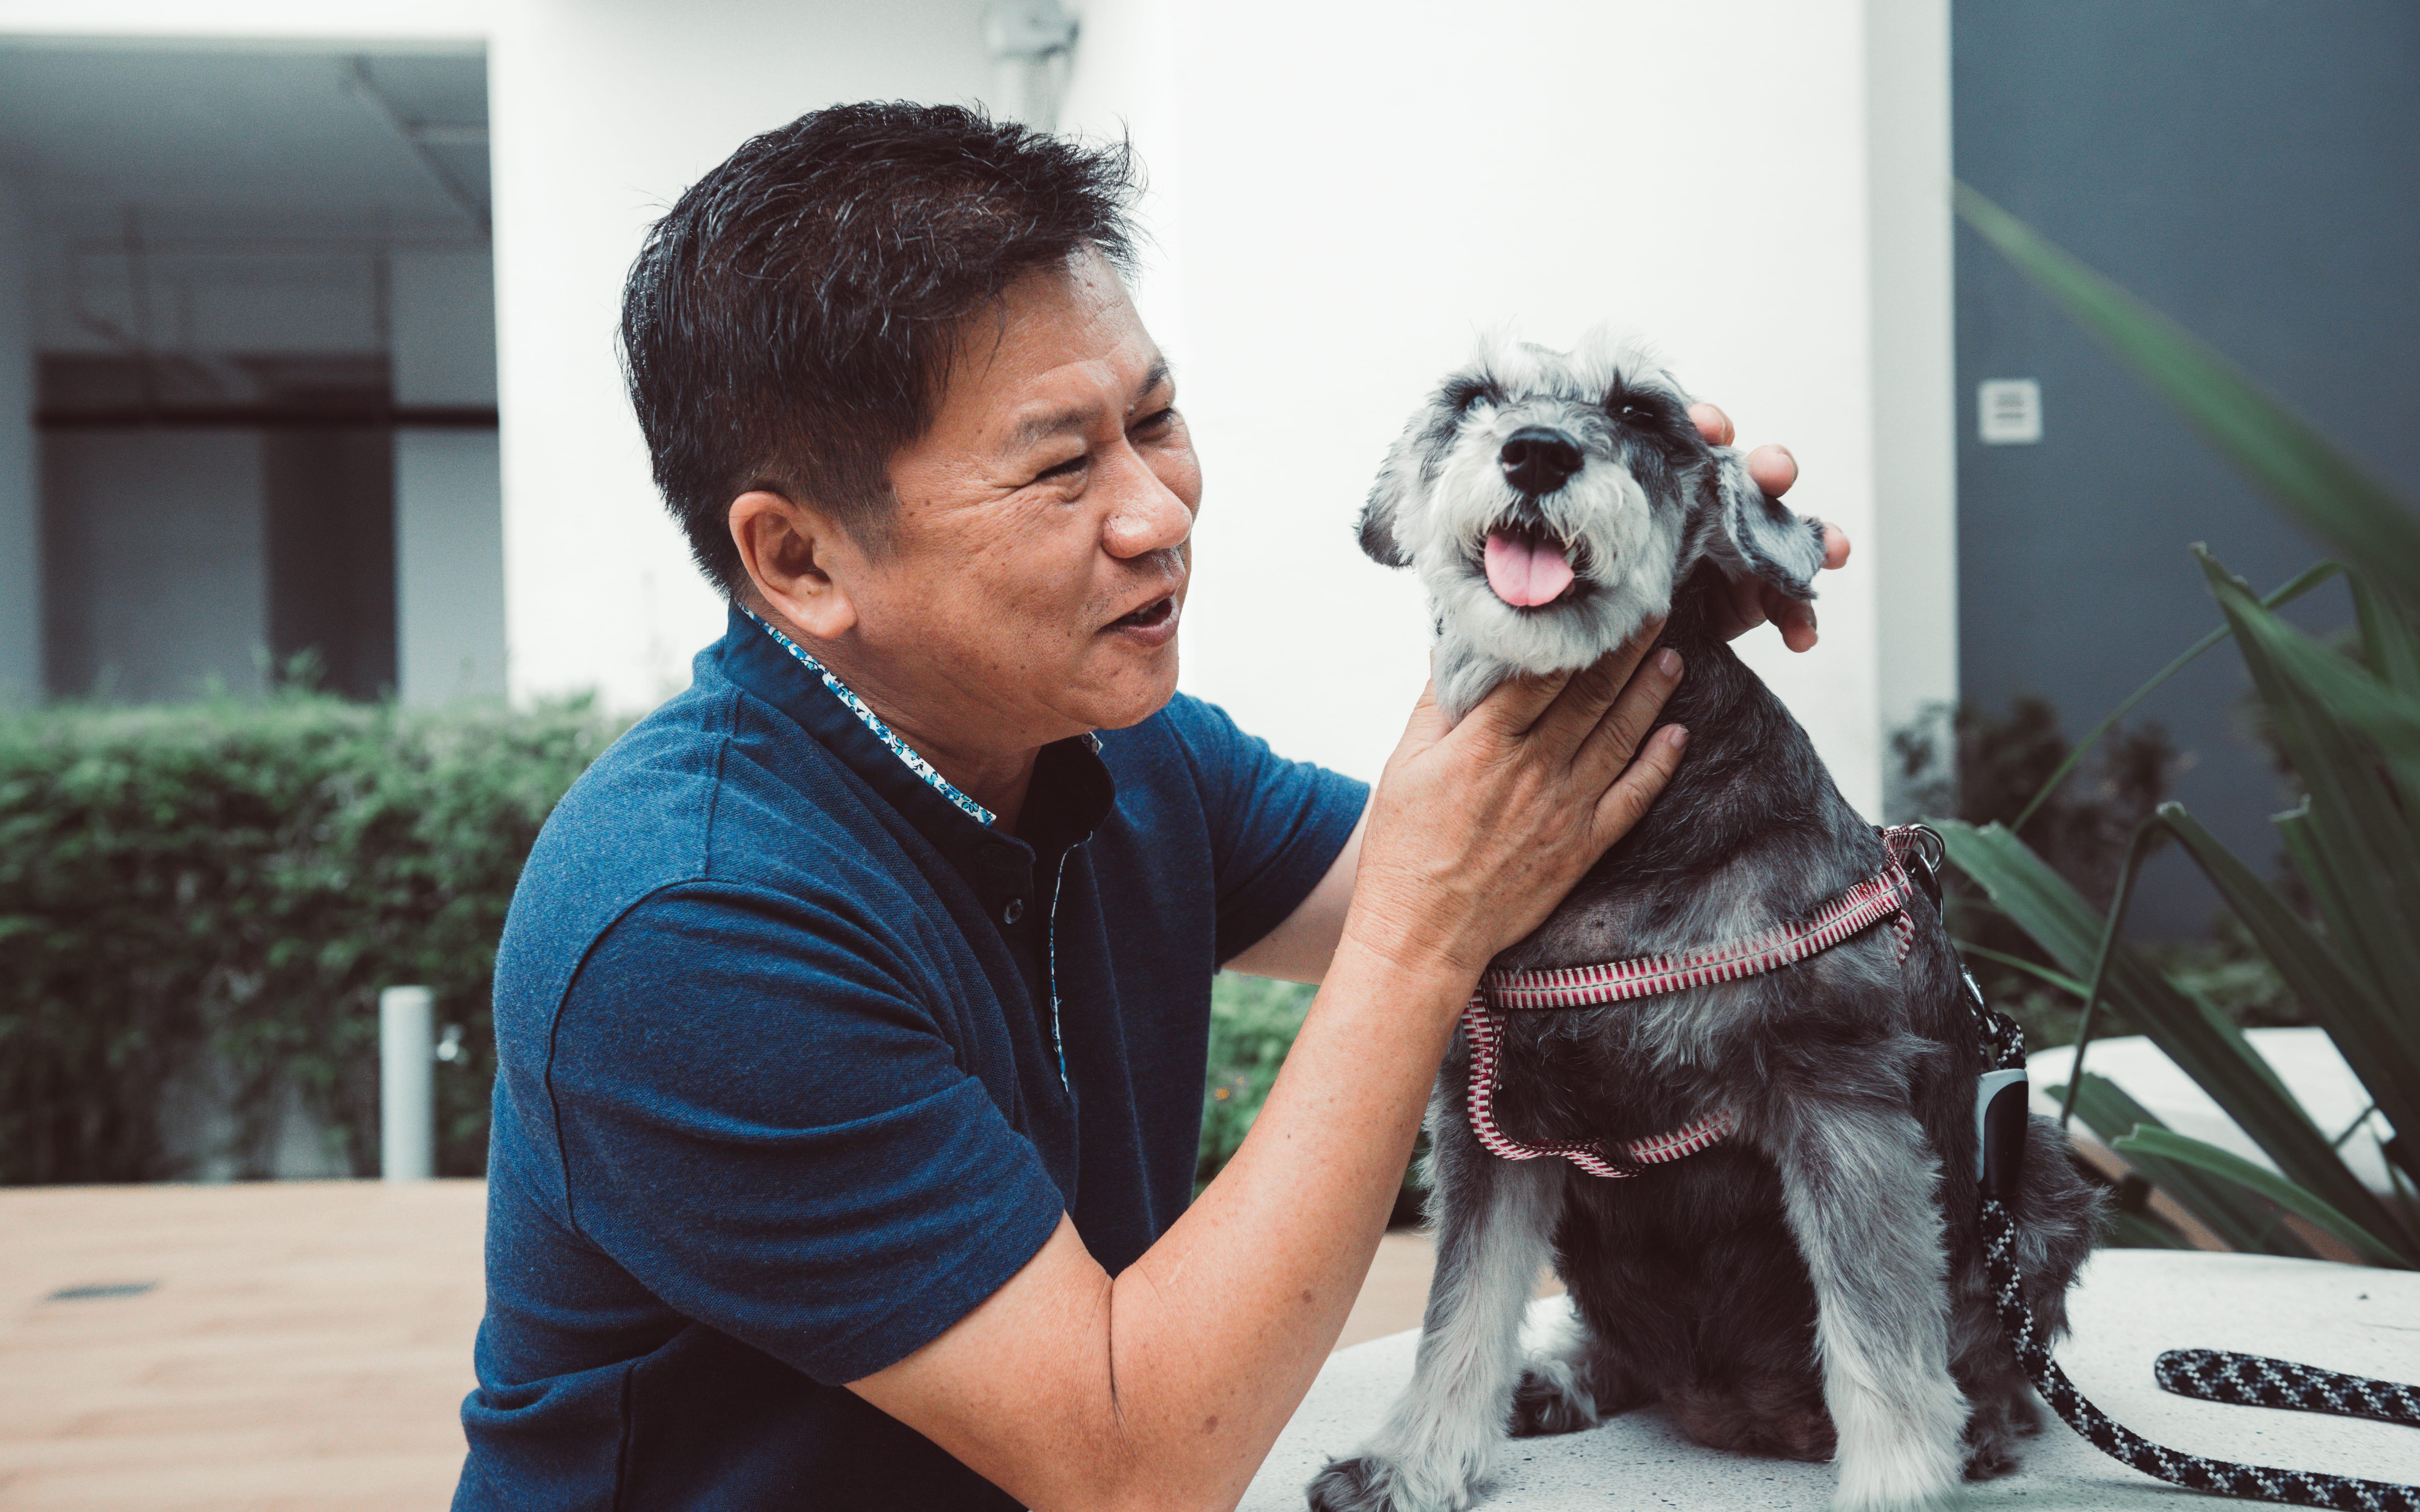 Man smiling at dog